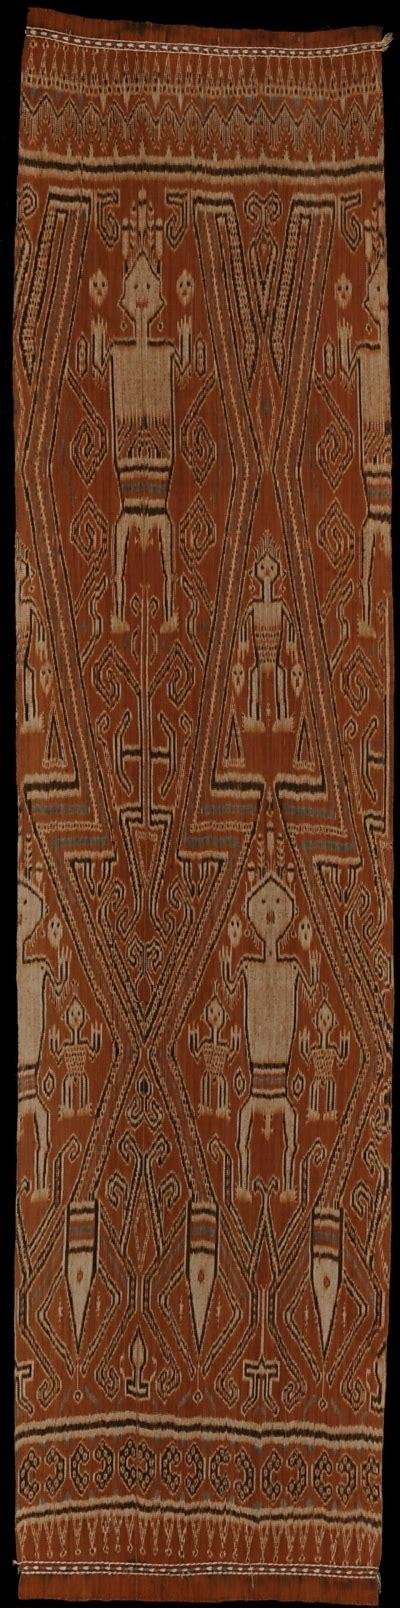 Borneo Ikat ikat from sarawak borneo indonesia ikat